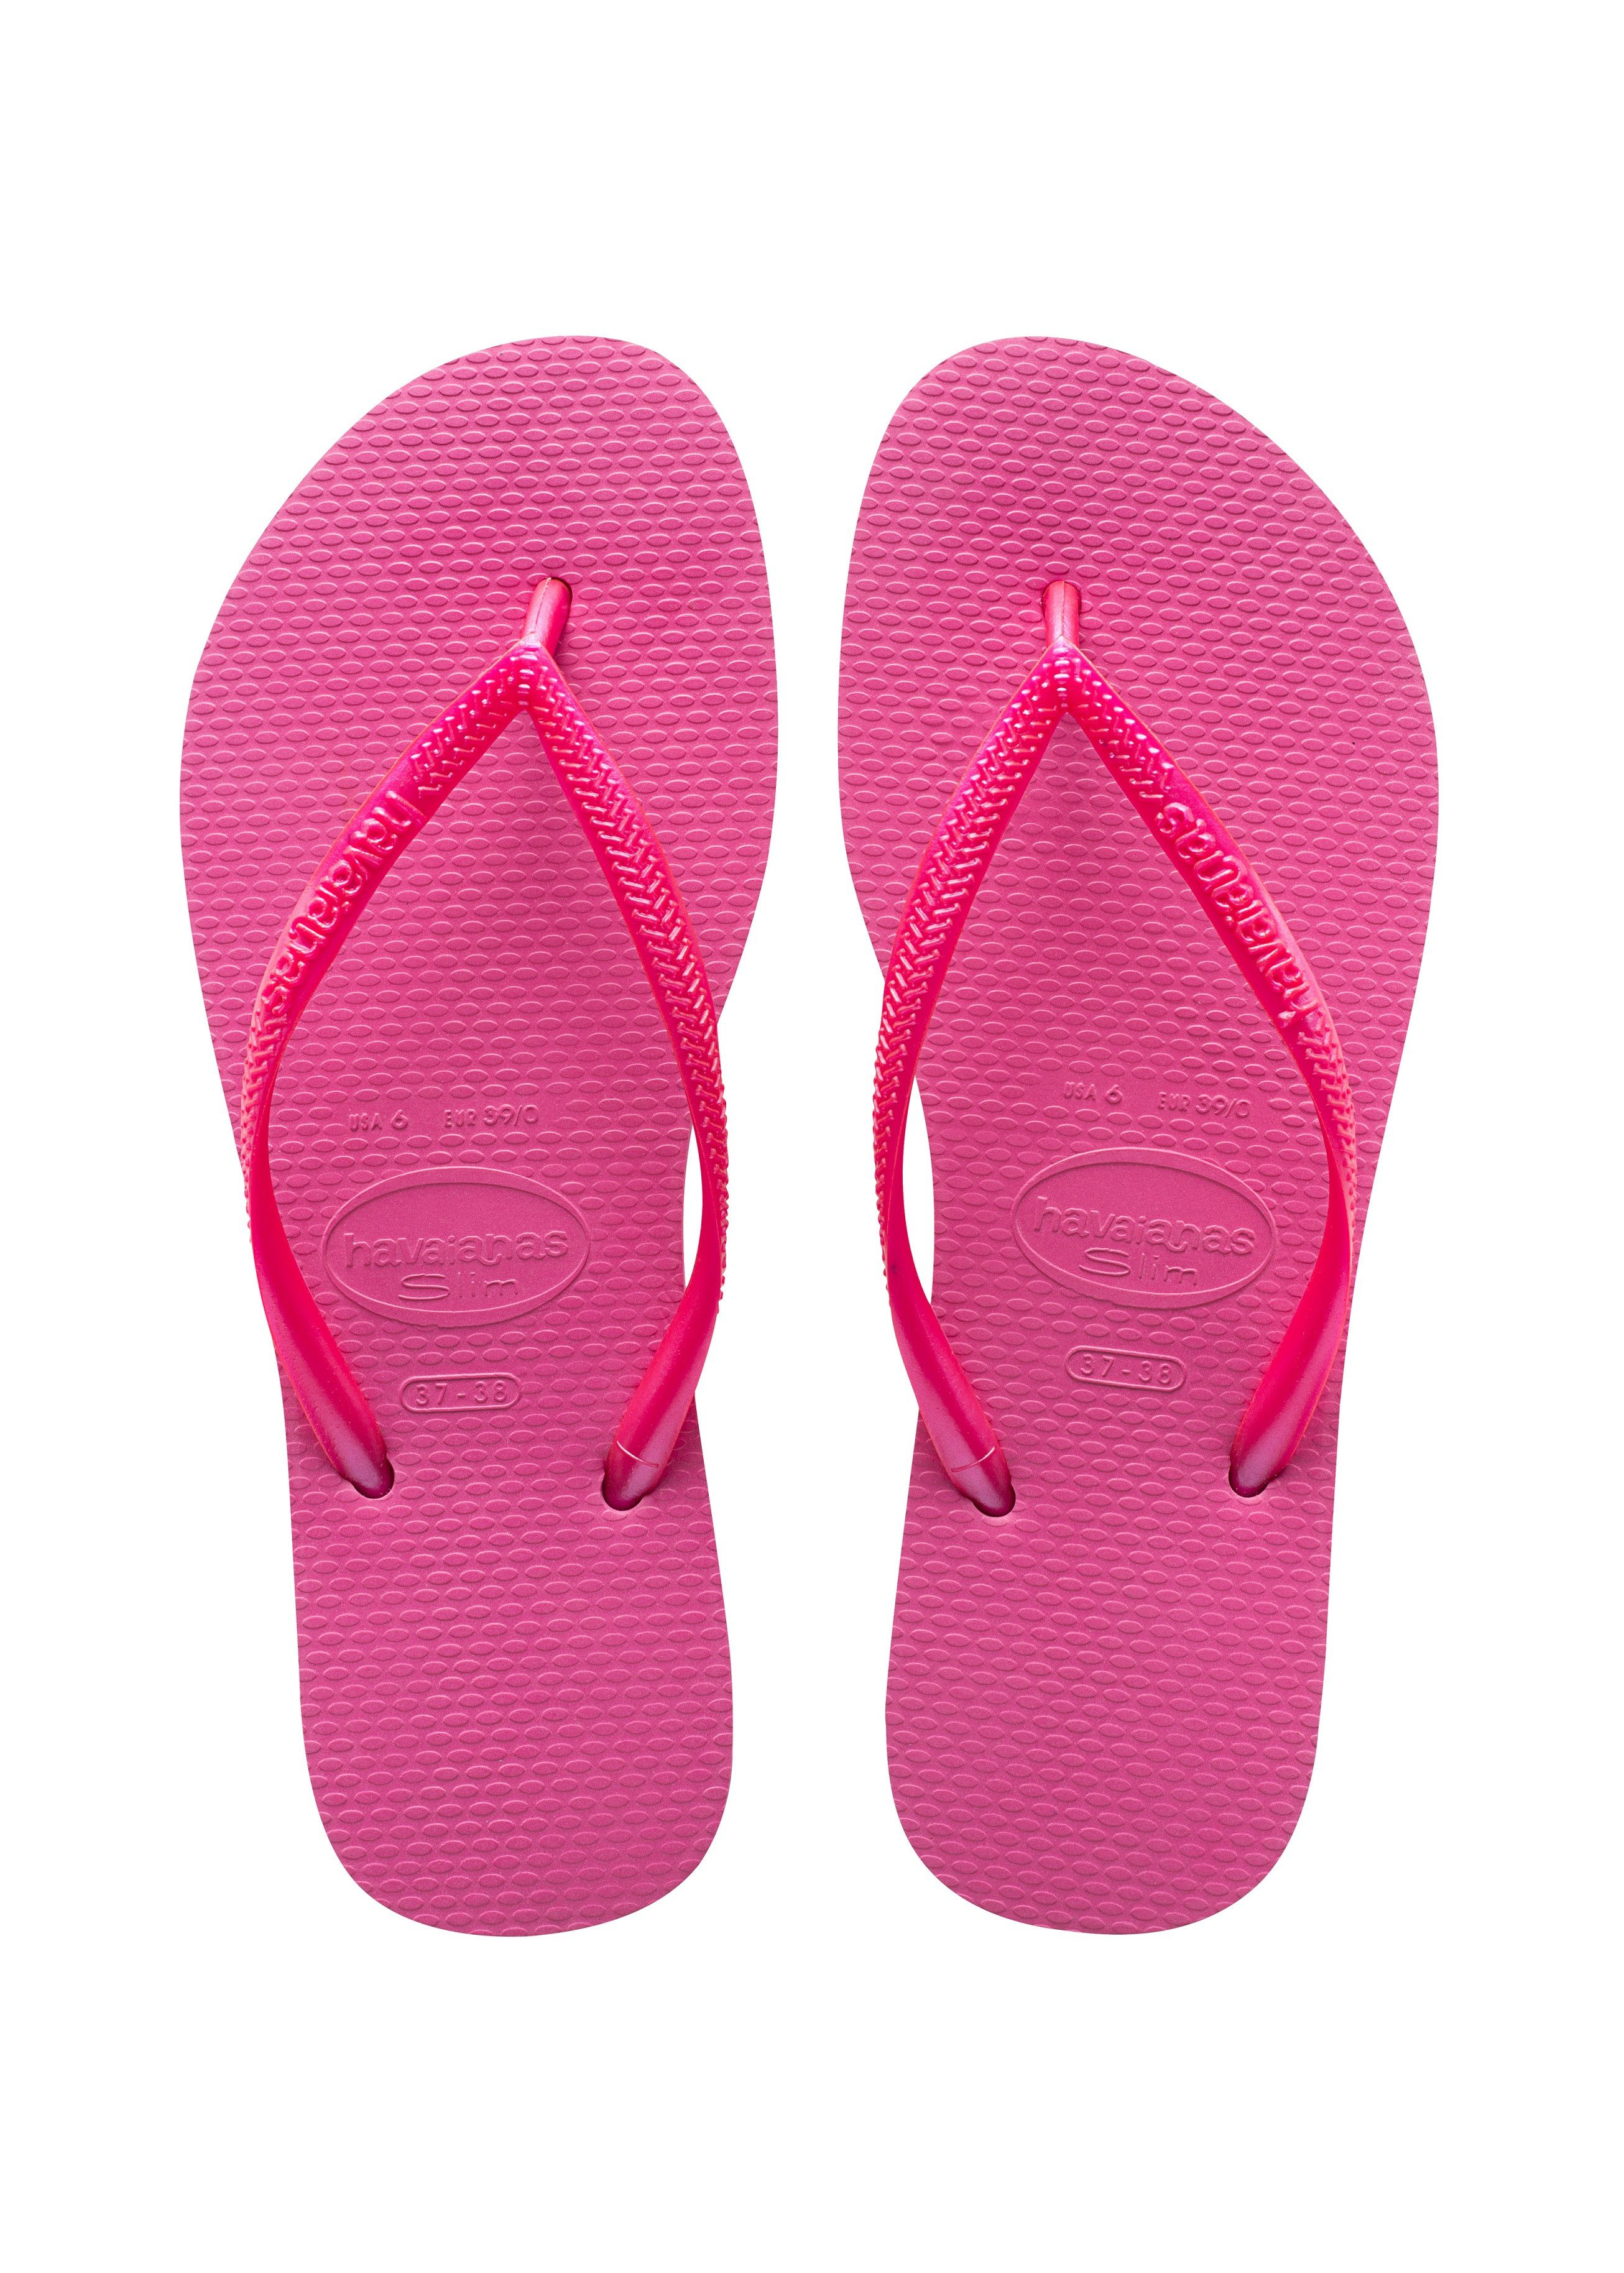 6772739b47f7 Havaianas Slim Sandal Shocking Pink Shocking Pink Price From  21